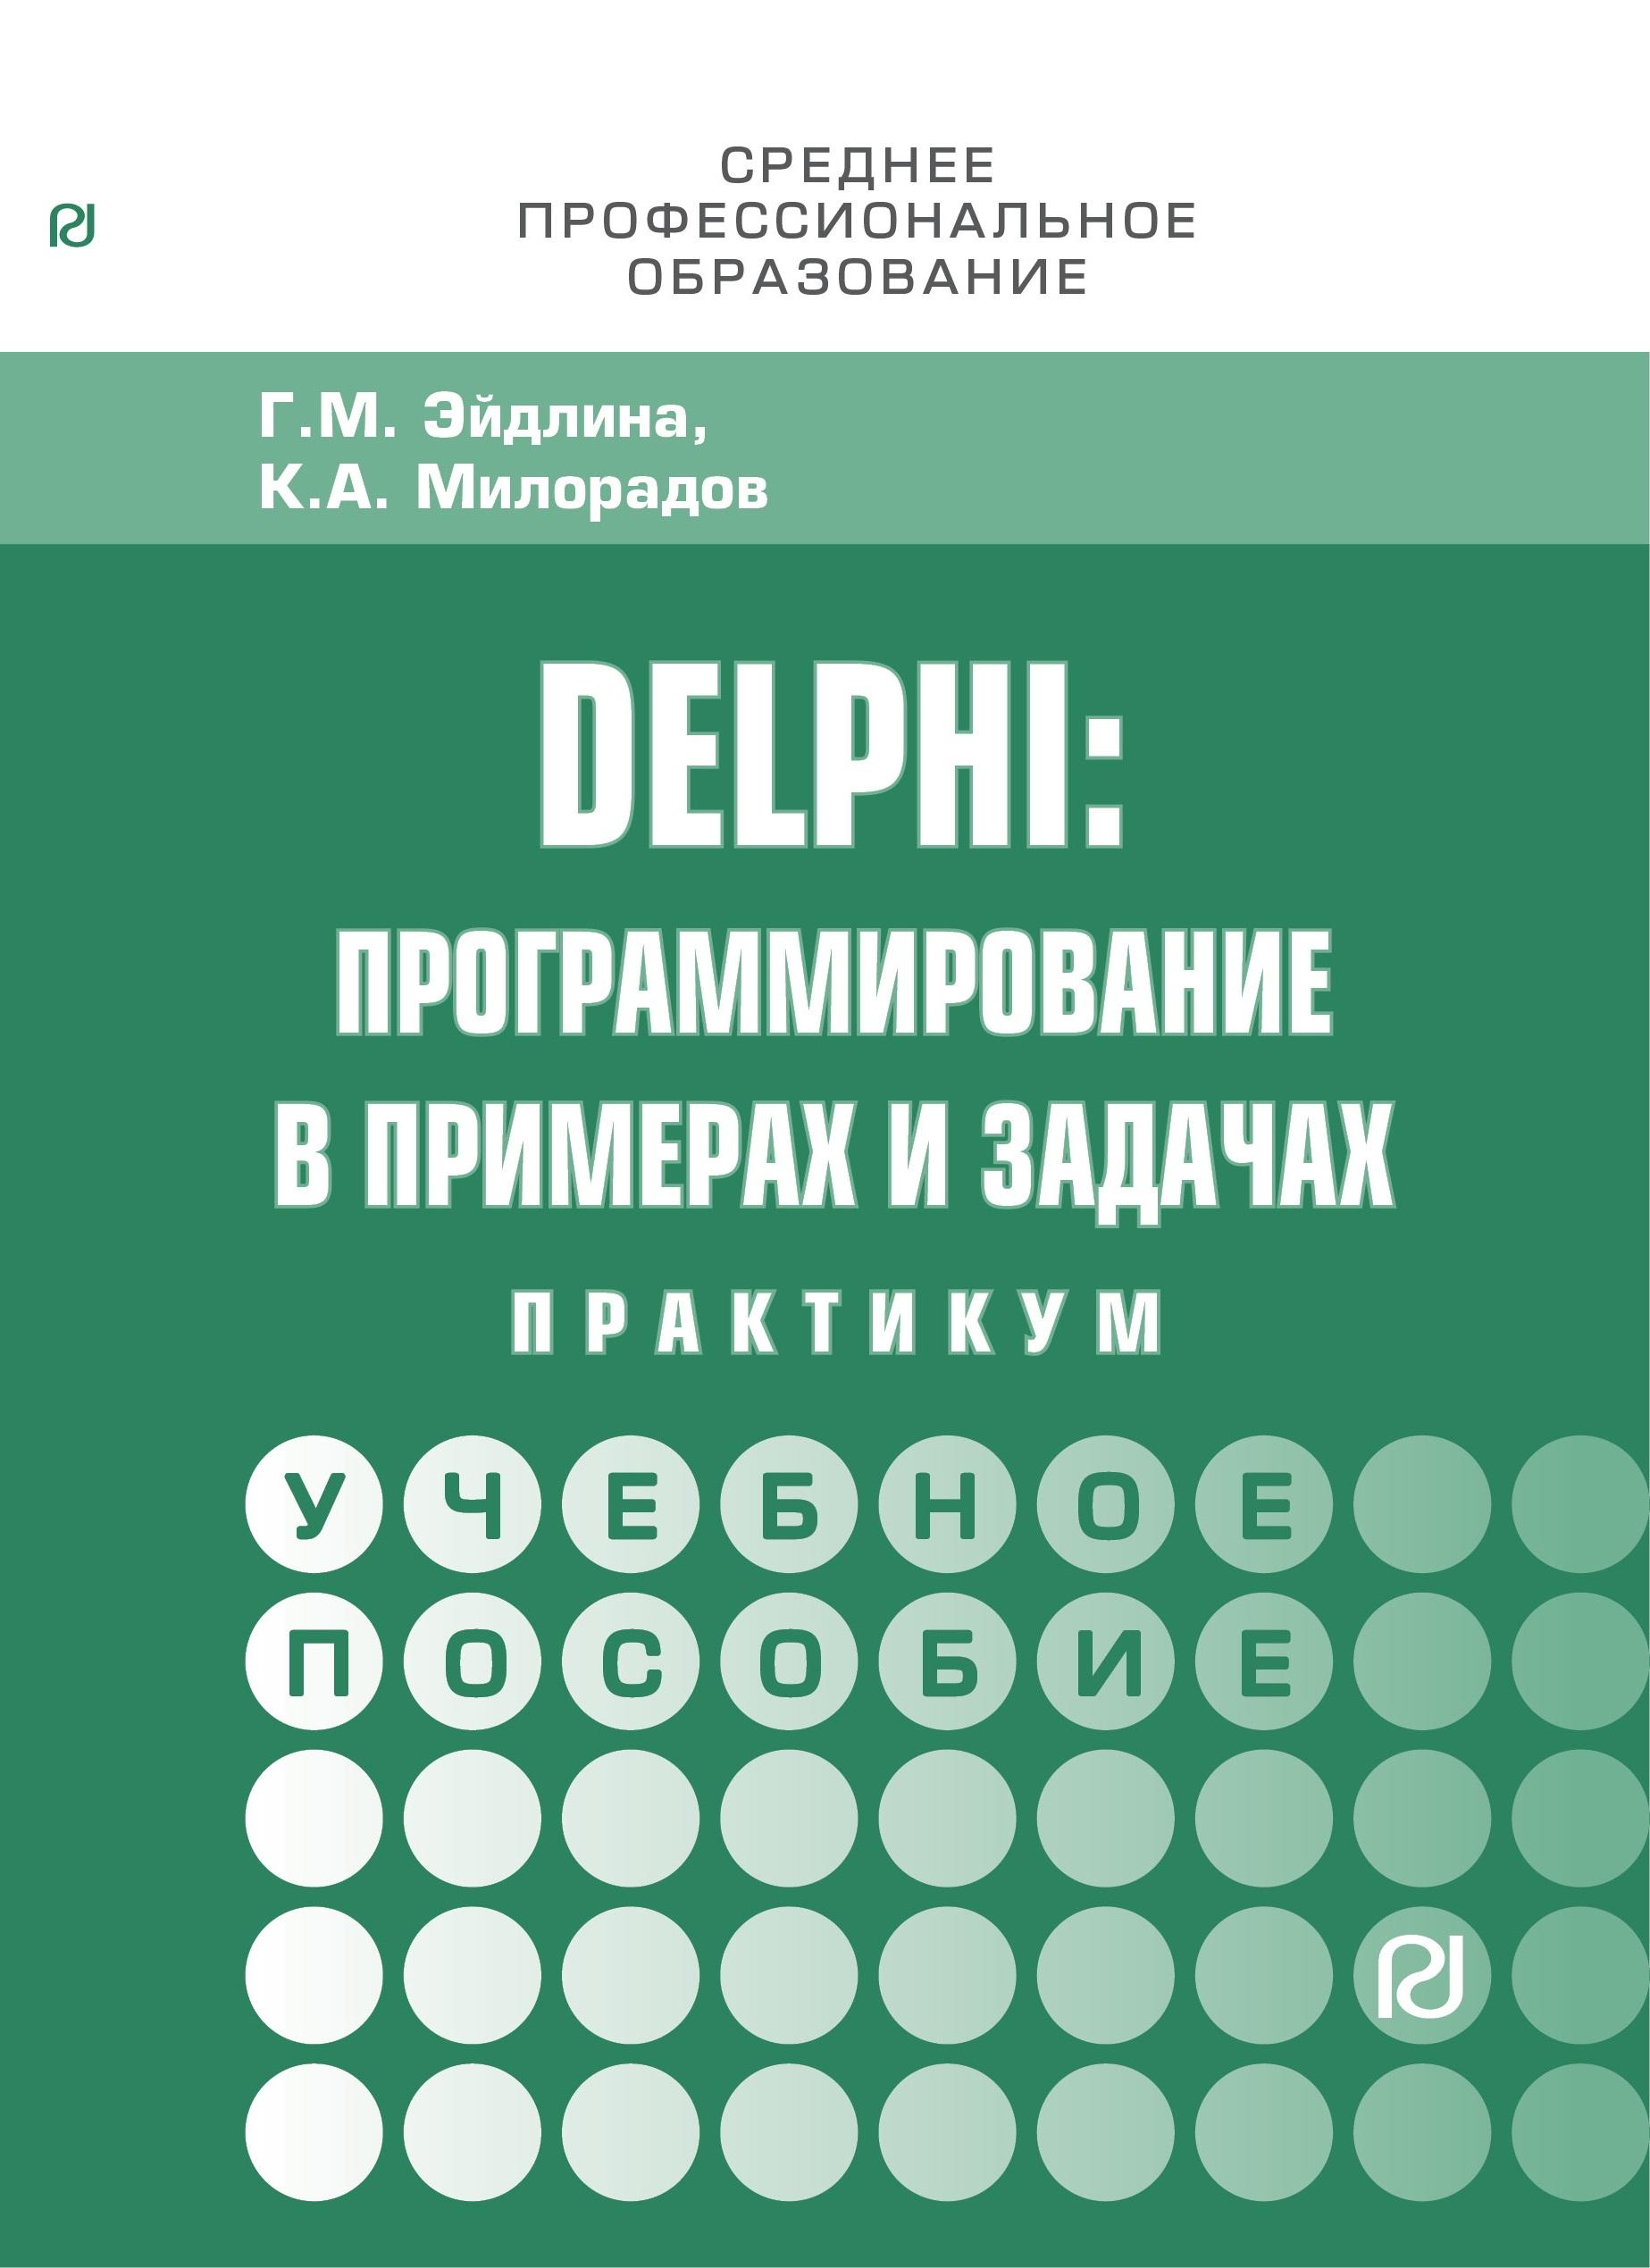 Г. М. Эйдлина,К. С. Милорадов Delphi. Программирование в примерах и задачах. Практикум delphi лютеница по домашнему 300 г